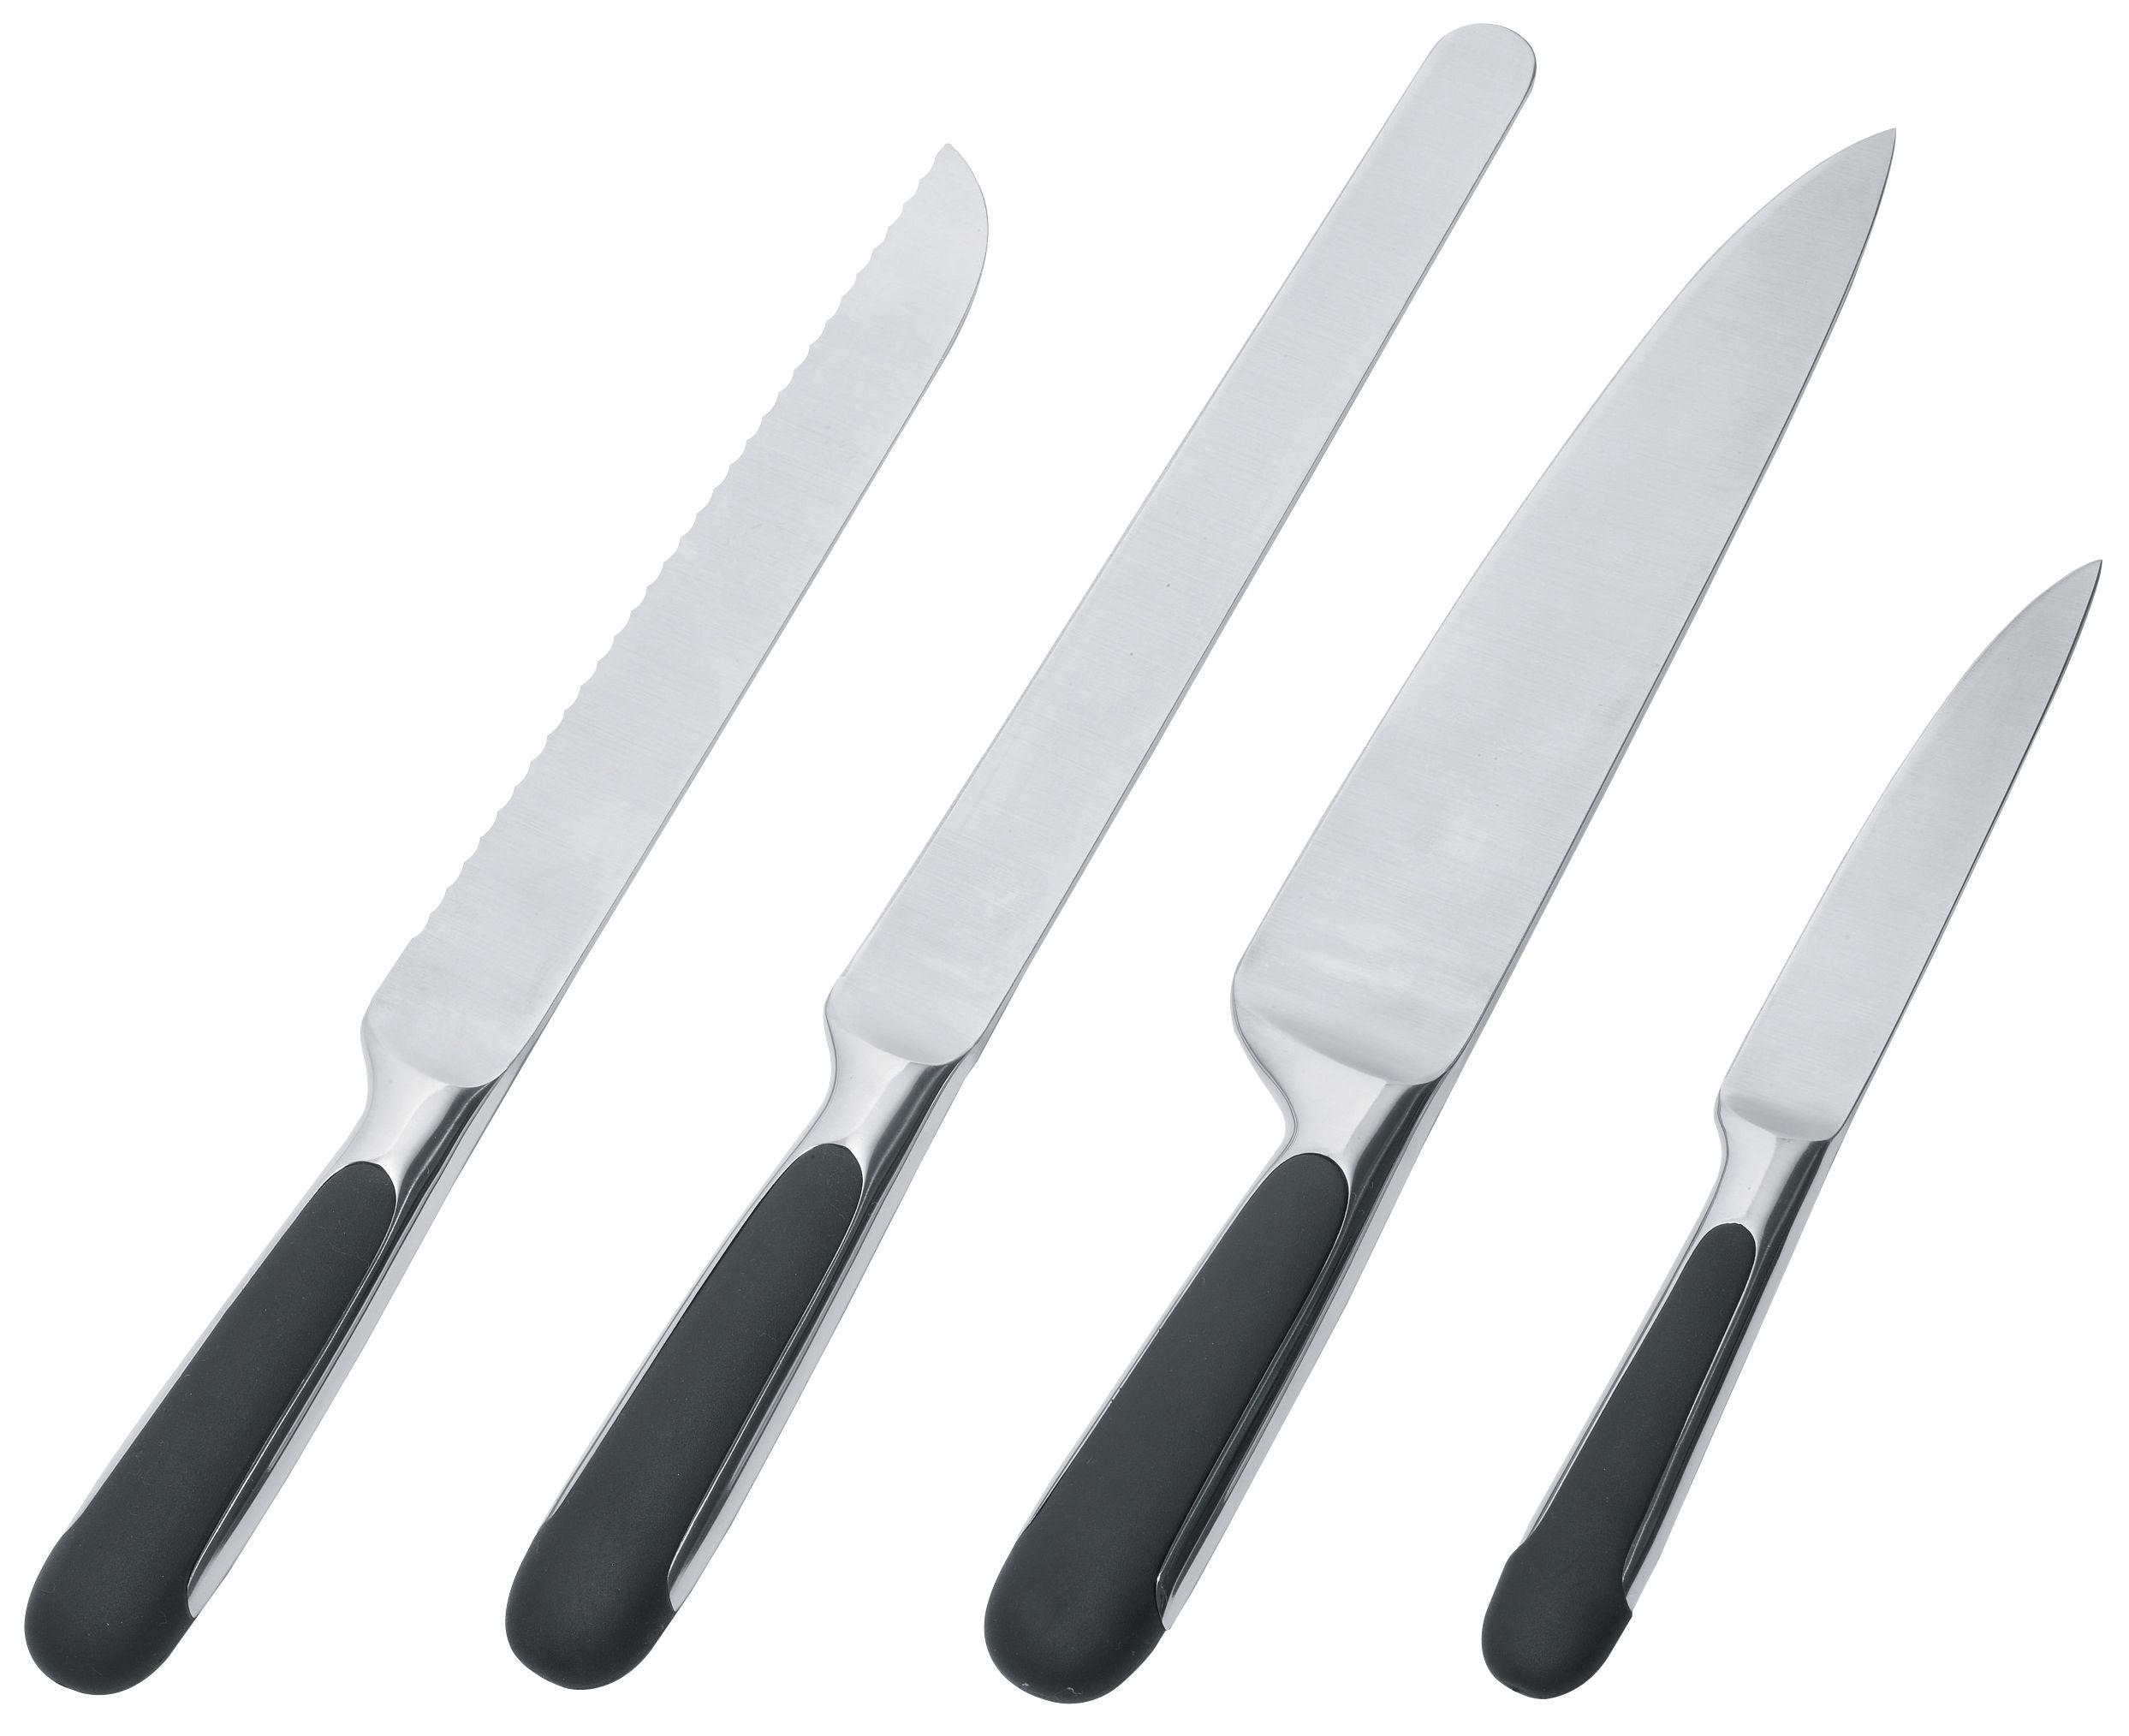 Scopri coltello da cucina mami da salumi acciaio nero di alessi made in design italia - Coltelli da cucina ...